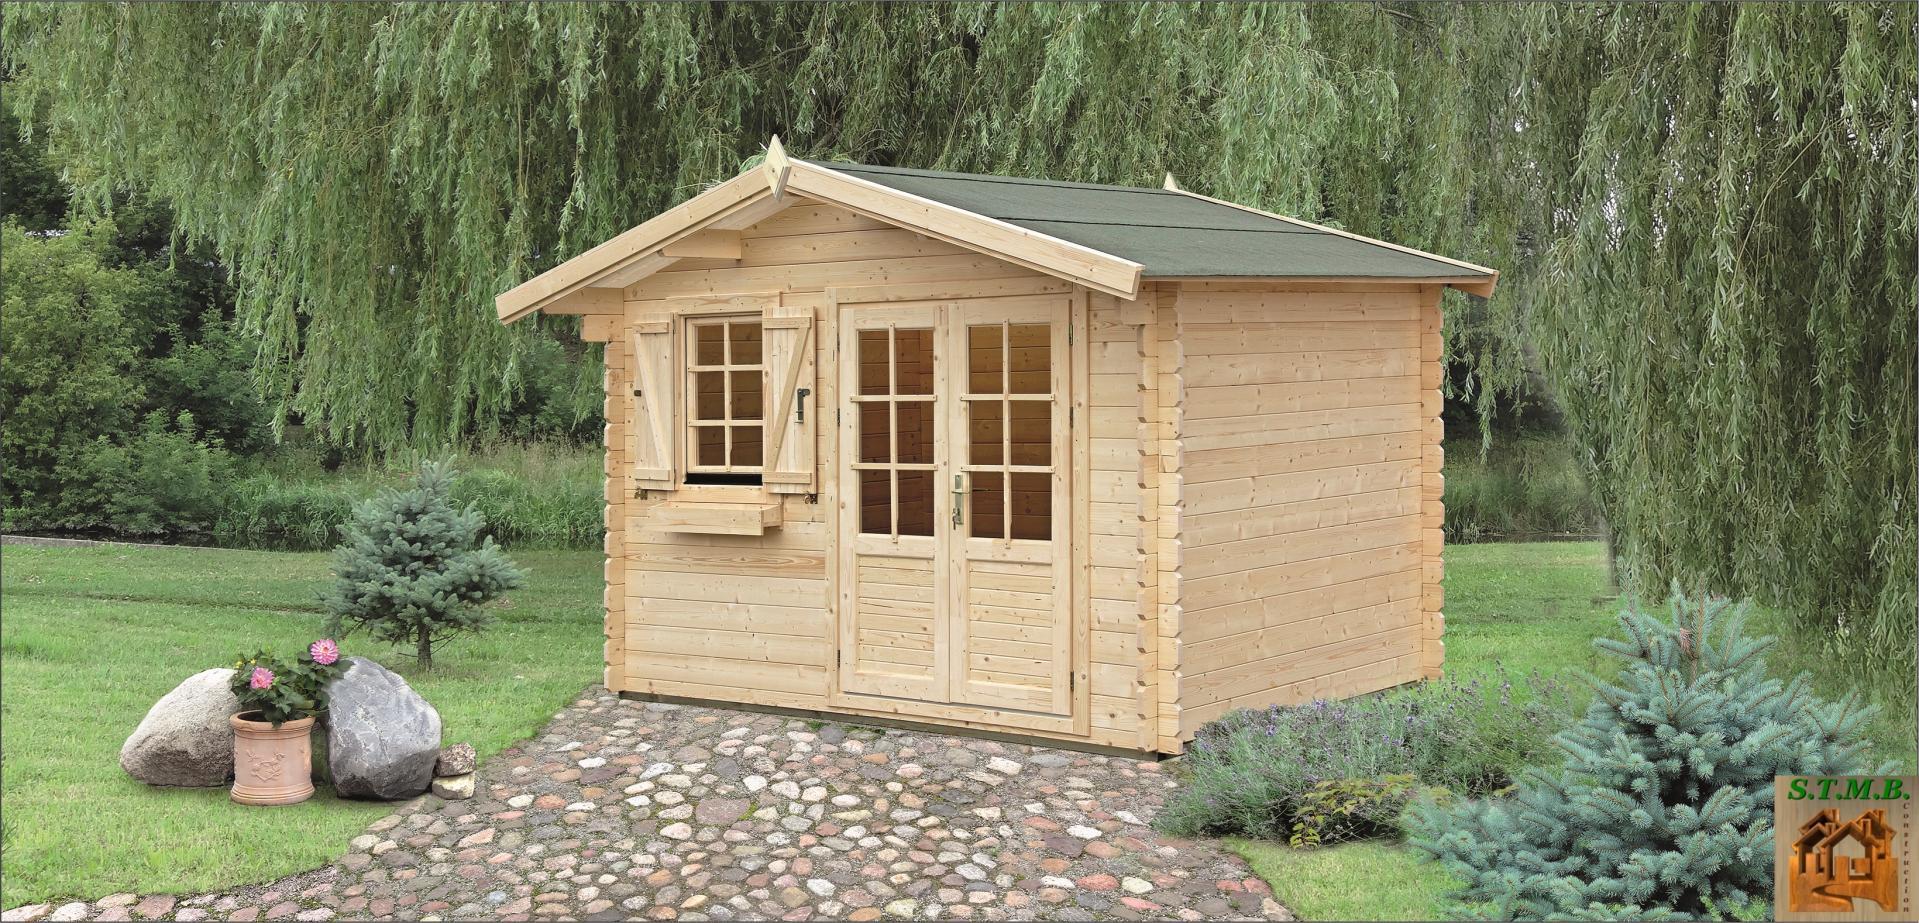 Cabane Jardin | Cabanon Bois | Stmb Constrution concernant Chalet De Jardin En Bois